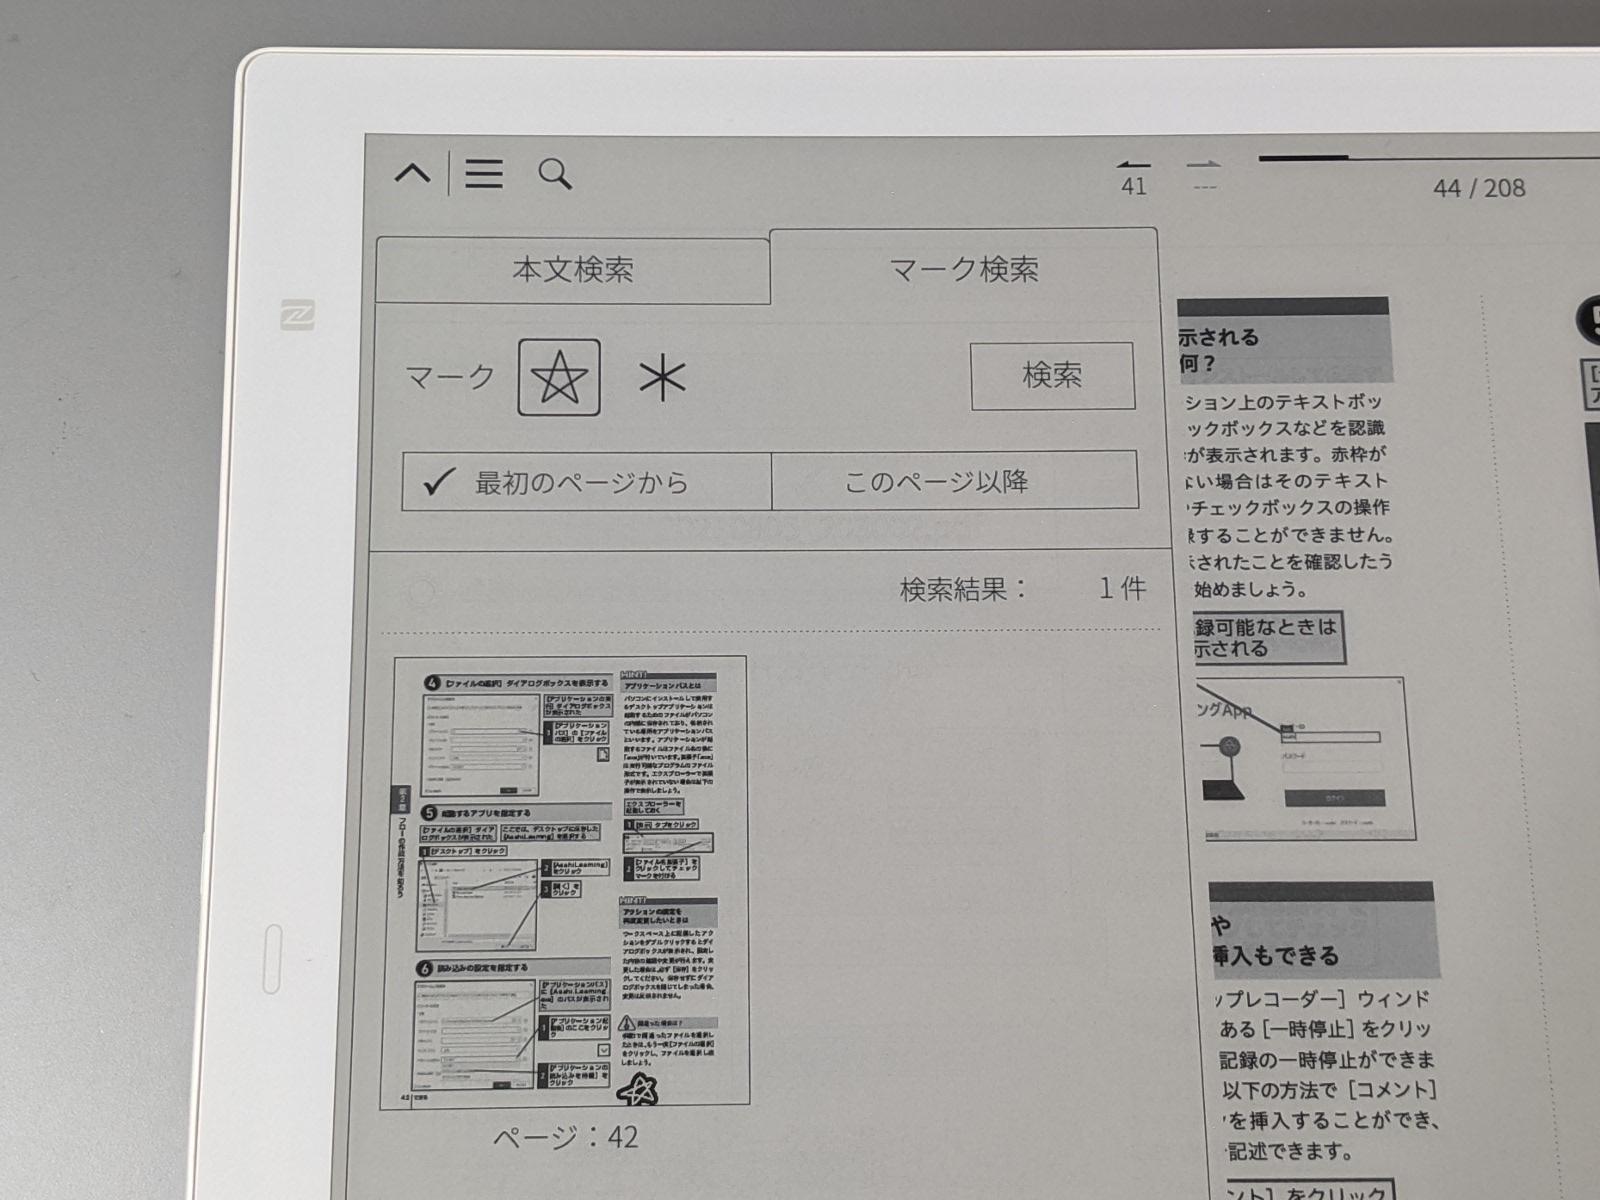 ☆マークがつけられたページを検索機能を使って呼び出せる。ちなみに一般的なキーワード検索にも対応する